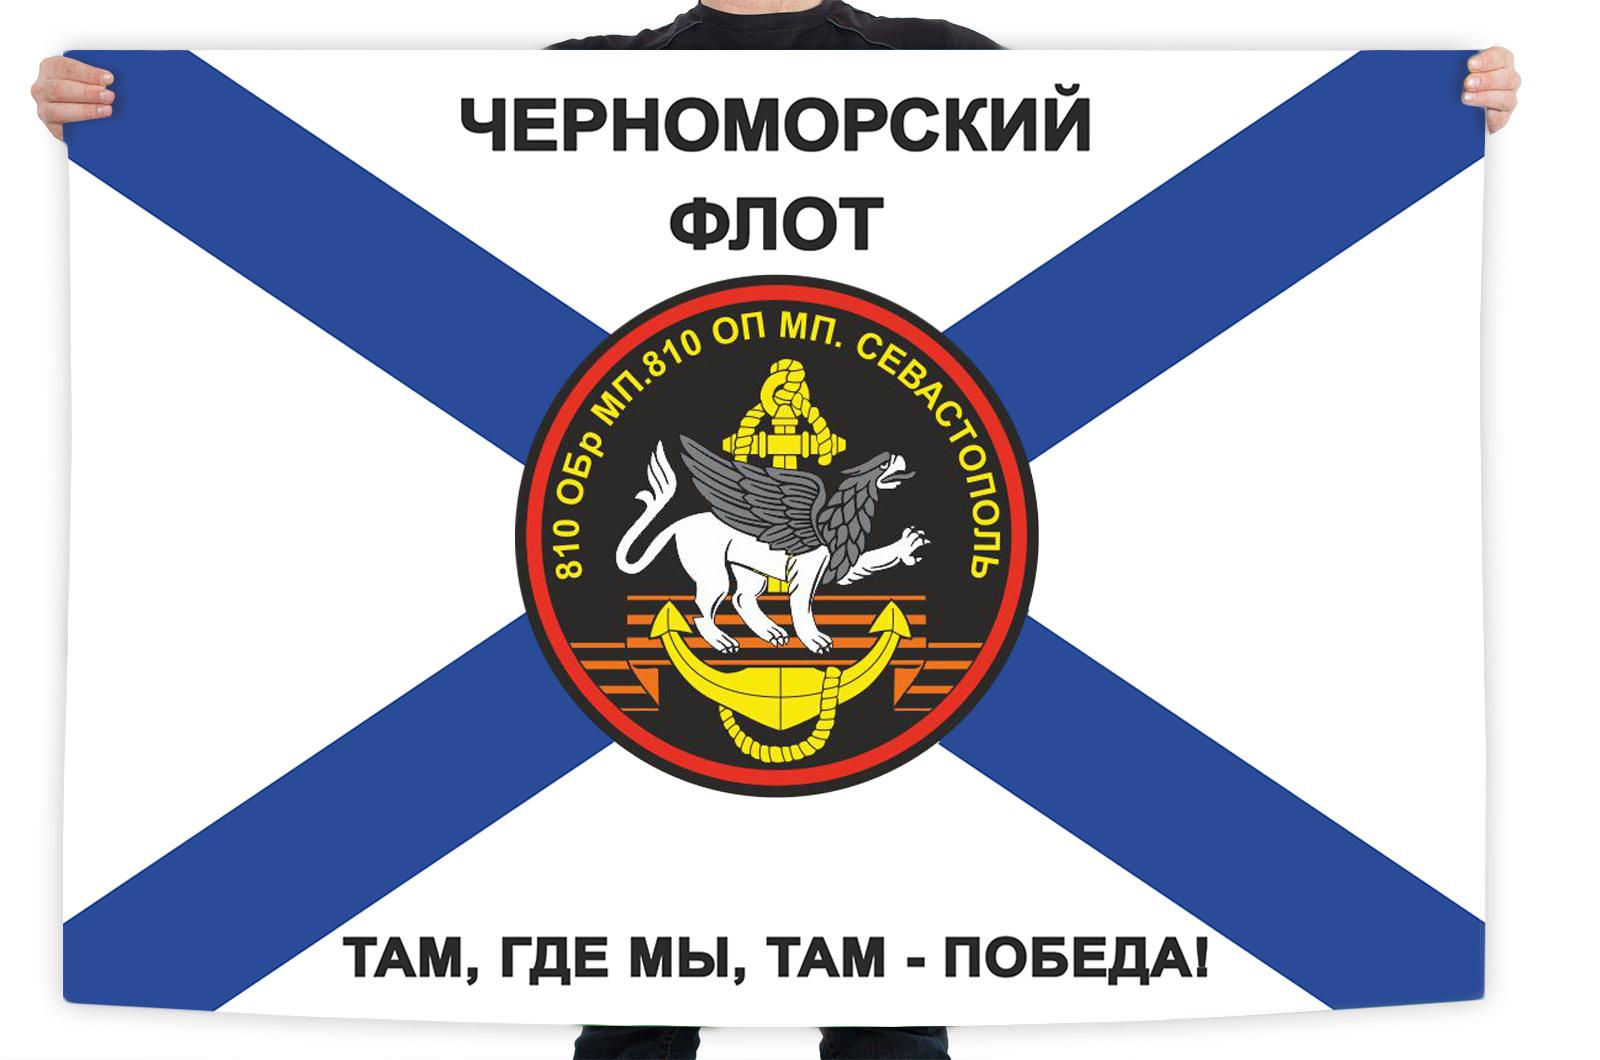 Флаг 810 отдельной бригады морской пехоты